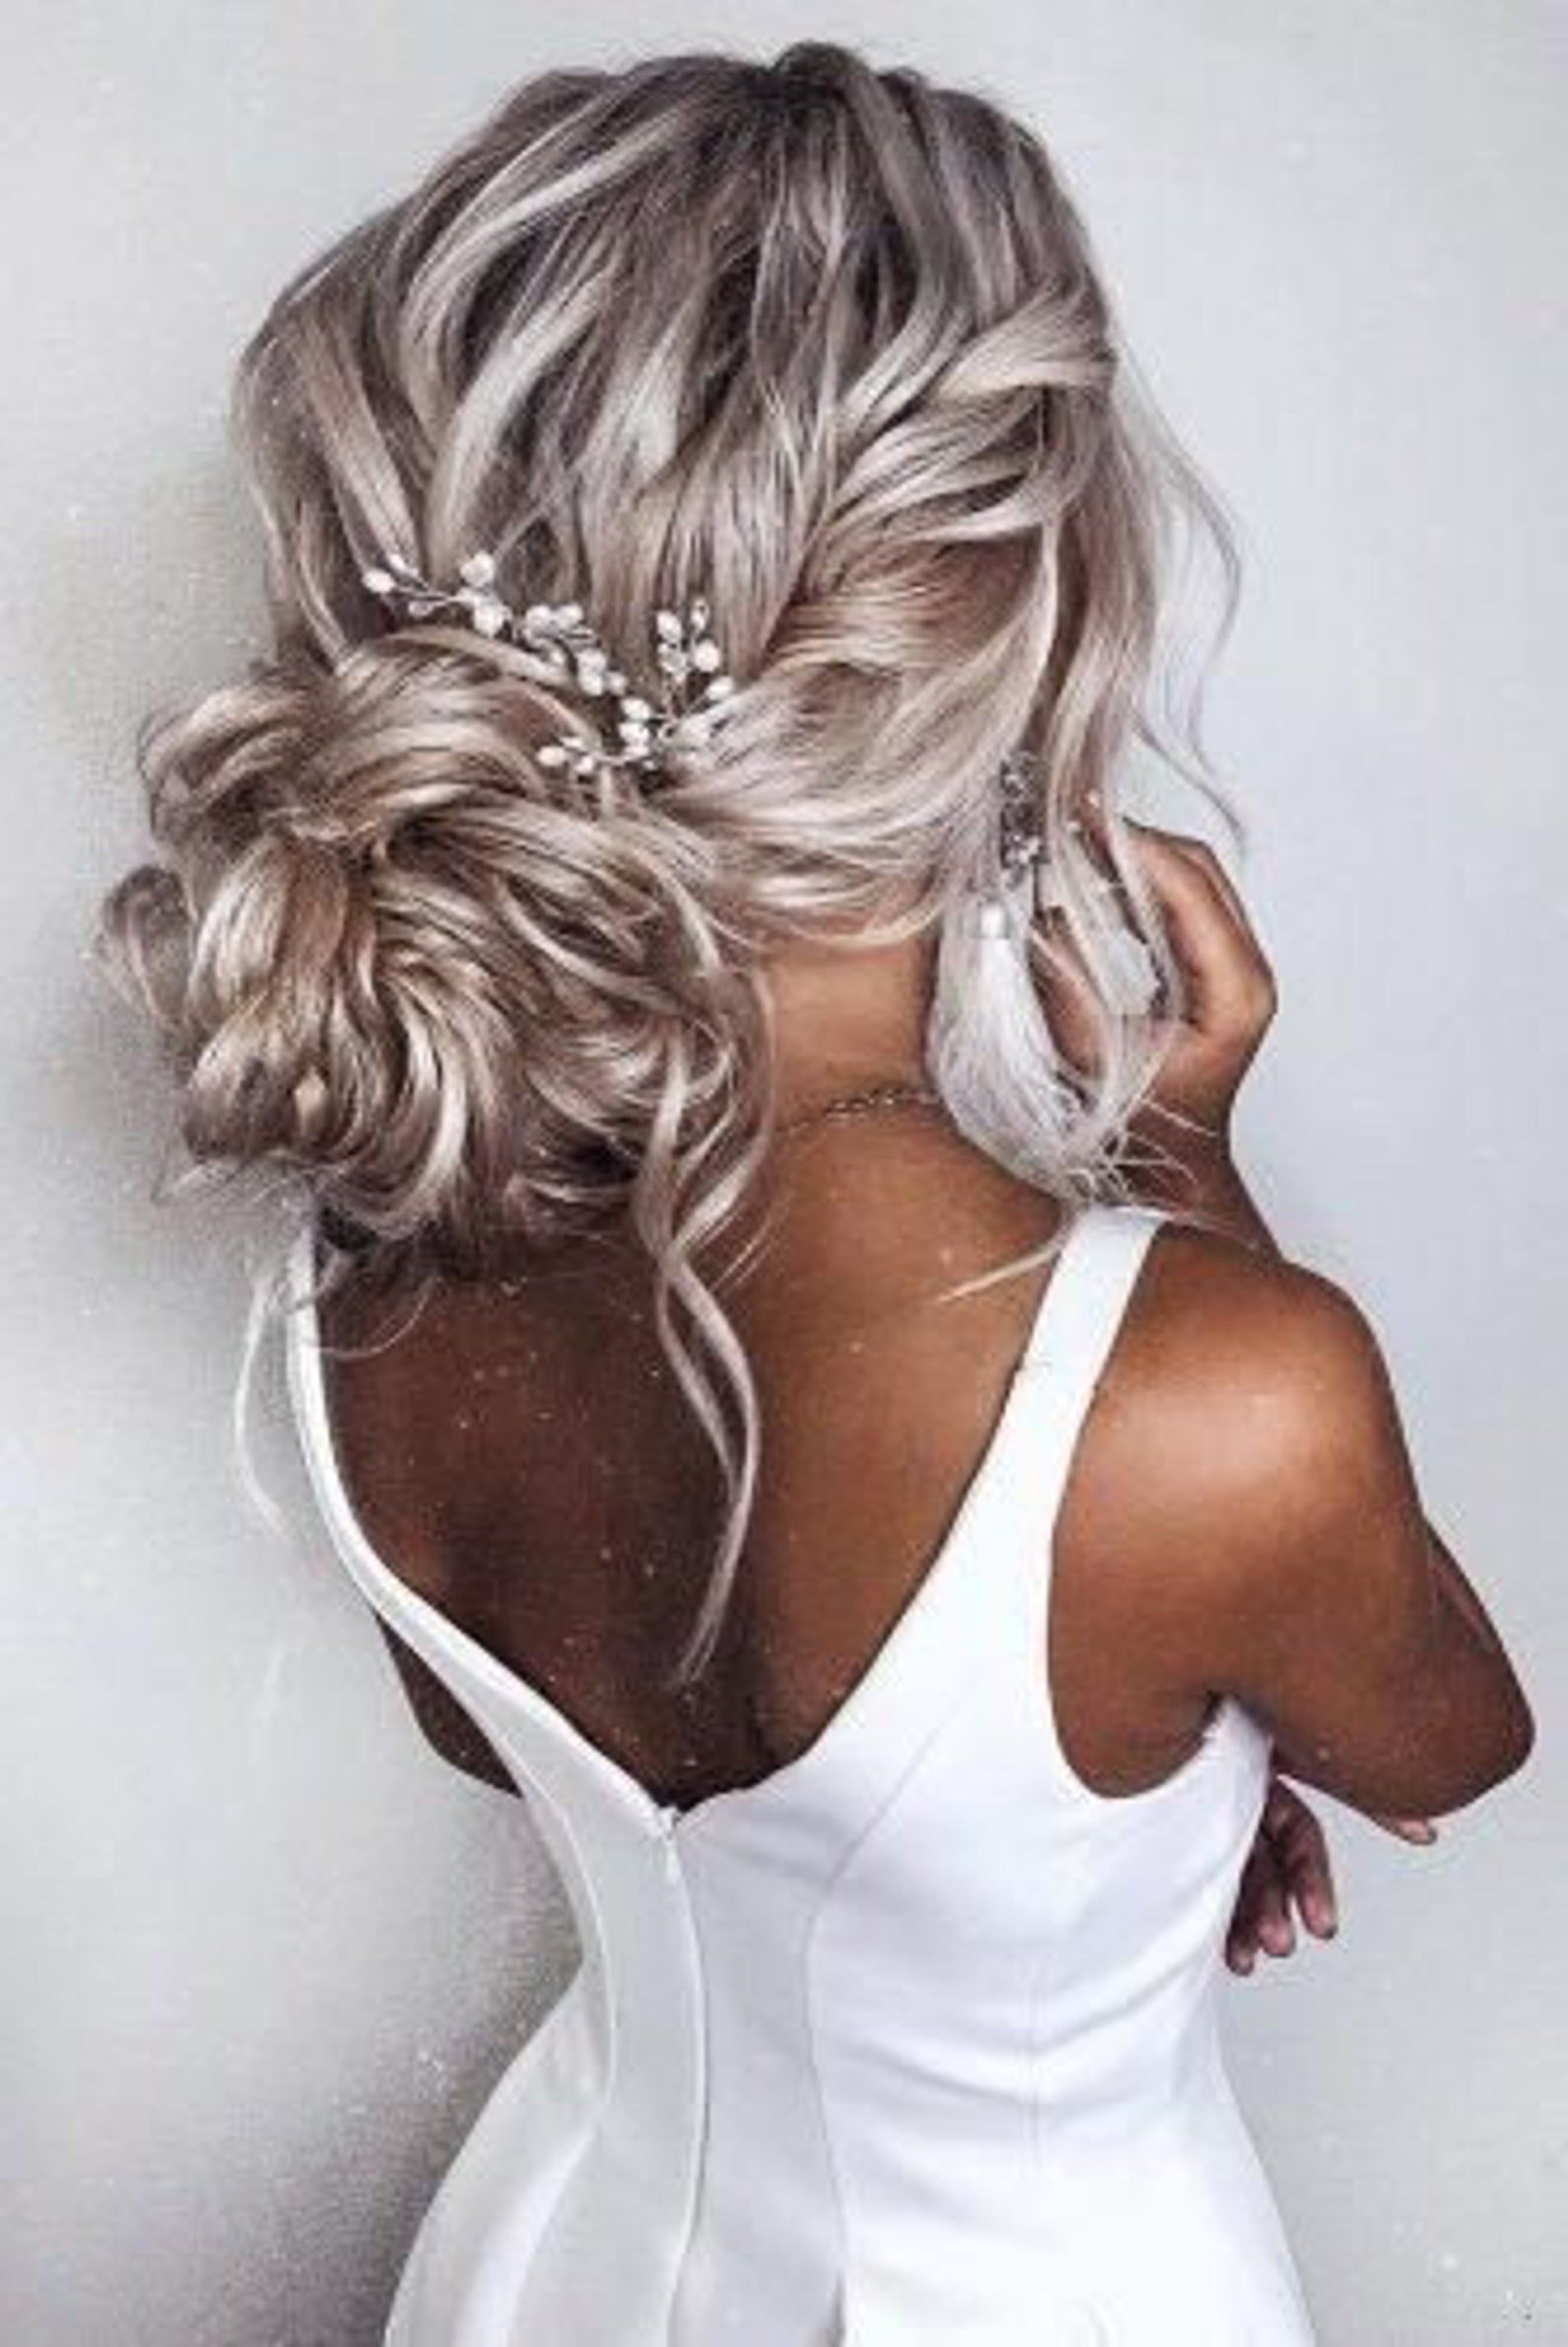 Bridal Hair Piece Wedding Hair Accessories Bridal Hair Comb Etsy Bridesmaid Hair Pins Bridal Hair Pieces Wedding Hair Head Piece